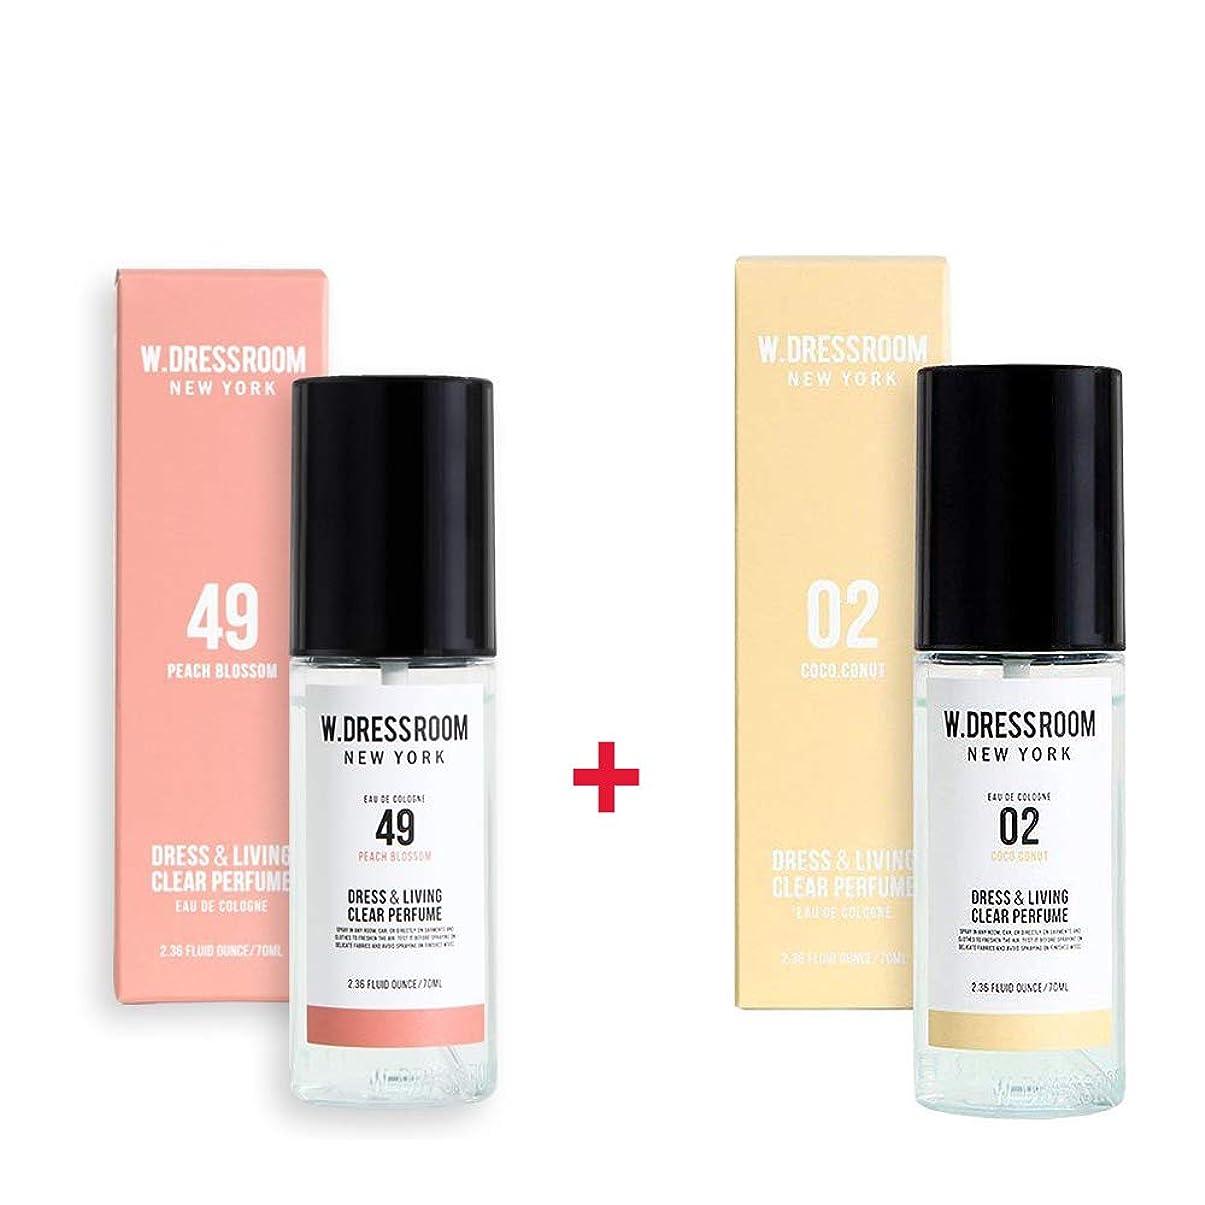 病的後方東方W.DRESSROOM Dress & Living Clear Perfume 70ml (No 49 Peach Blossom)+(No .02 Coco Conut)